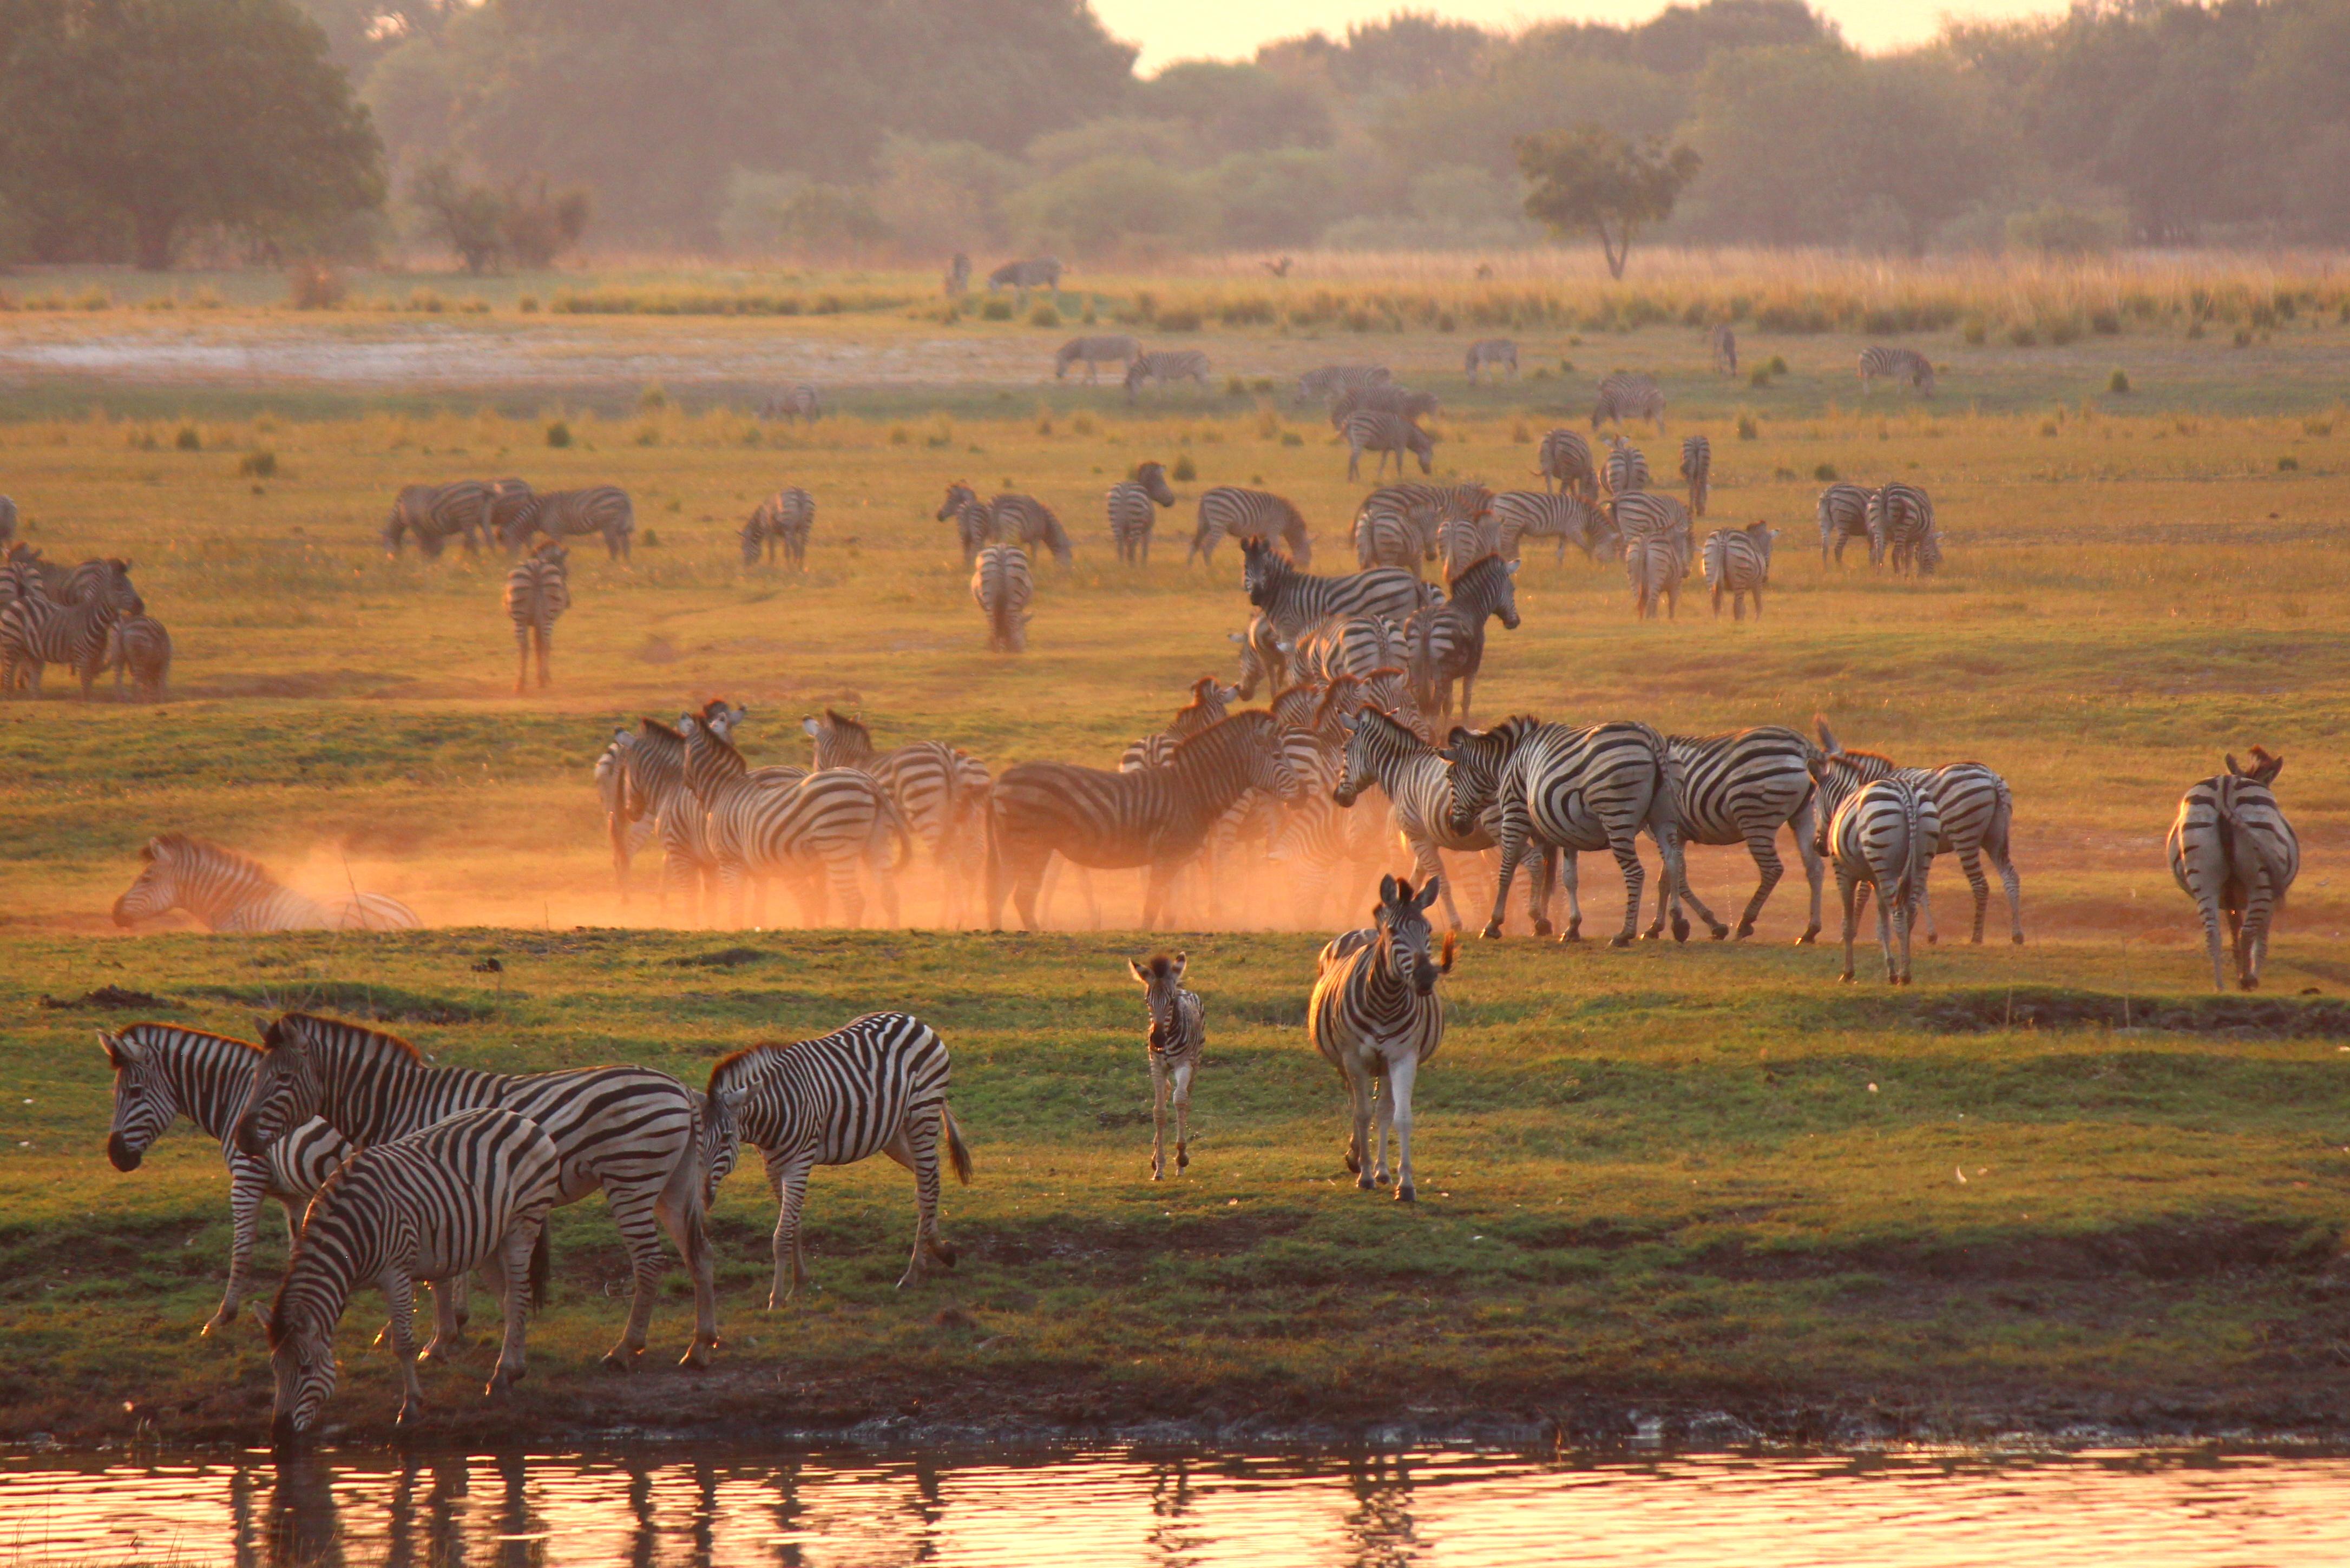 Un troupeau de zèbres petre tranquillement le long d'un point d'eau de Chobe